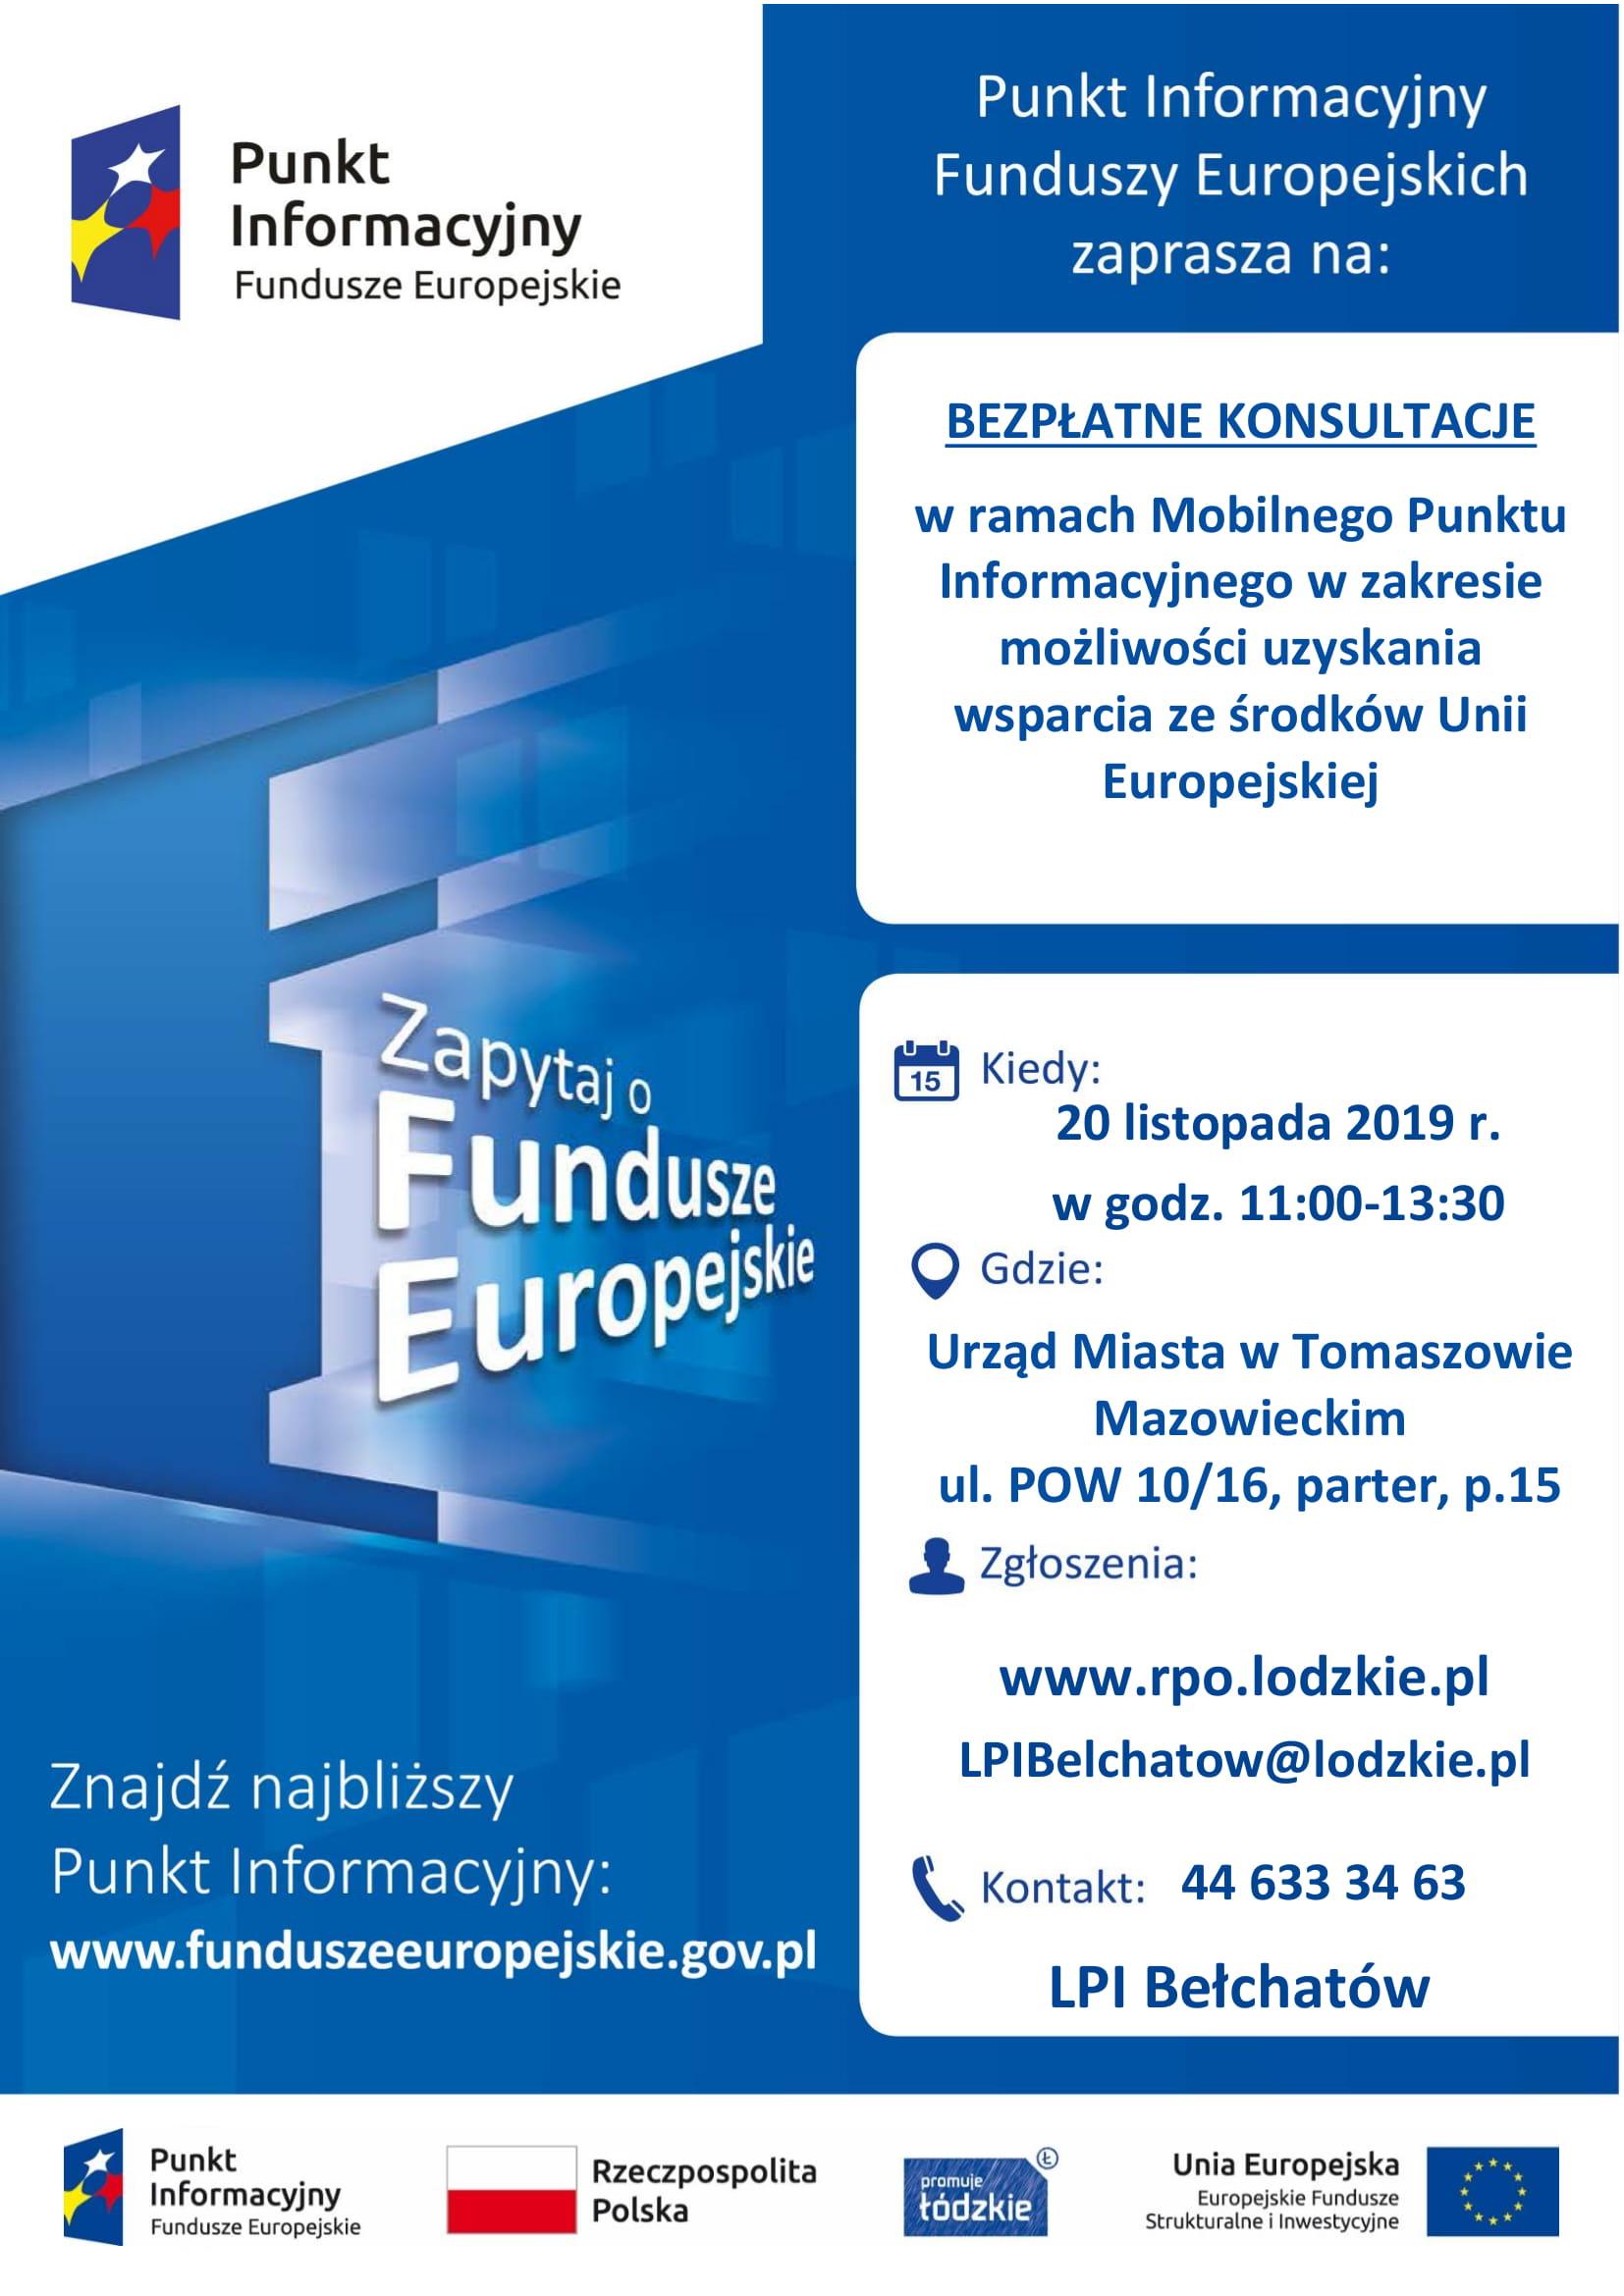 punkt informacyjny funduszy europejskich listopad